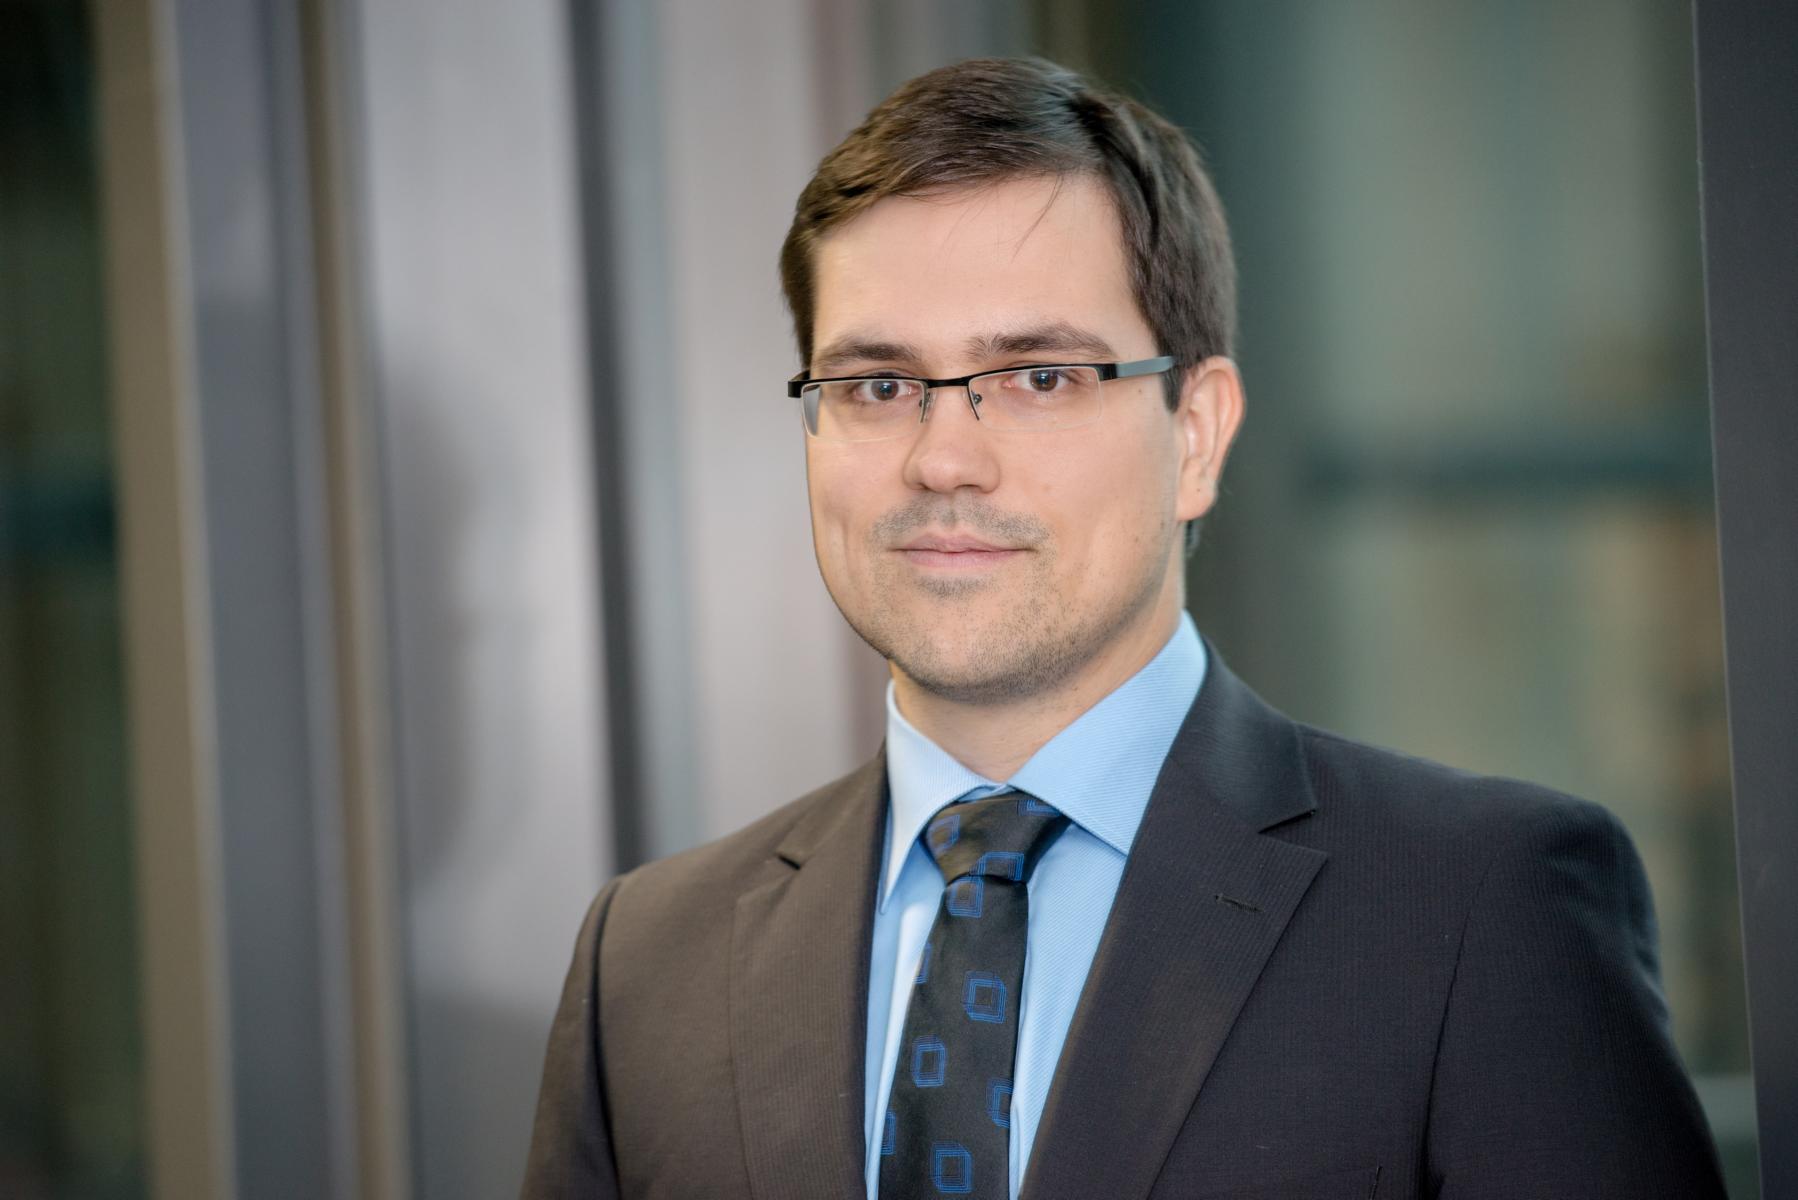 Dominik Ortwald, Wiss. Mitarbeiter